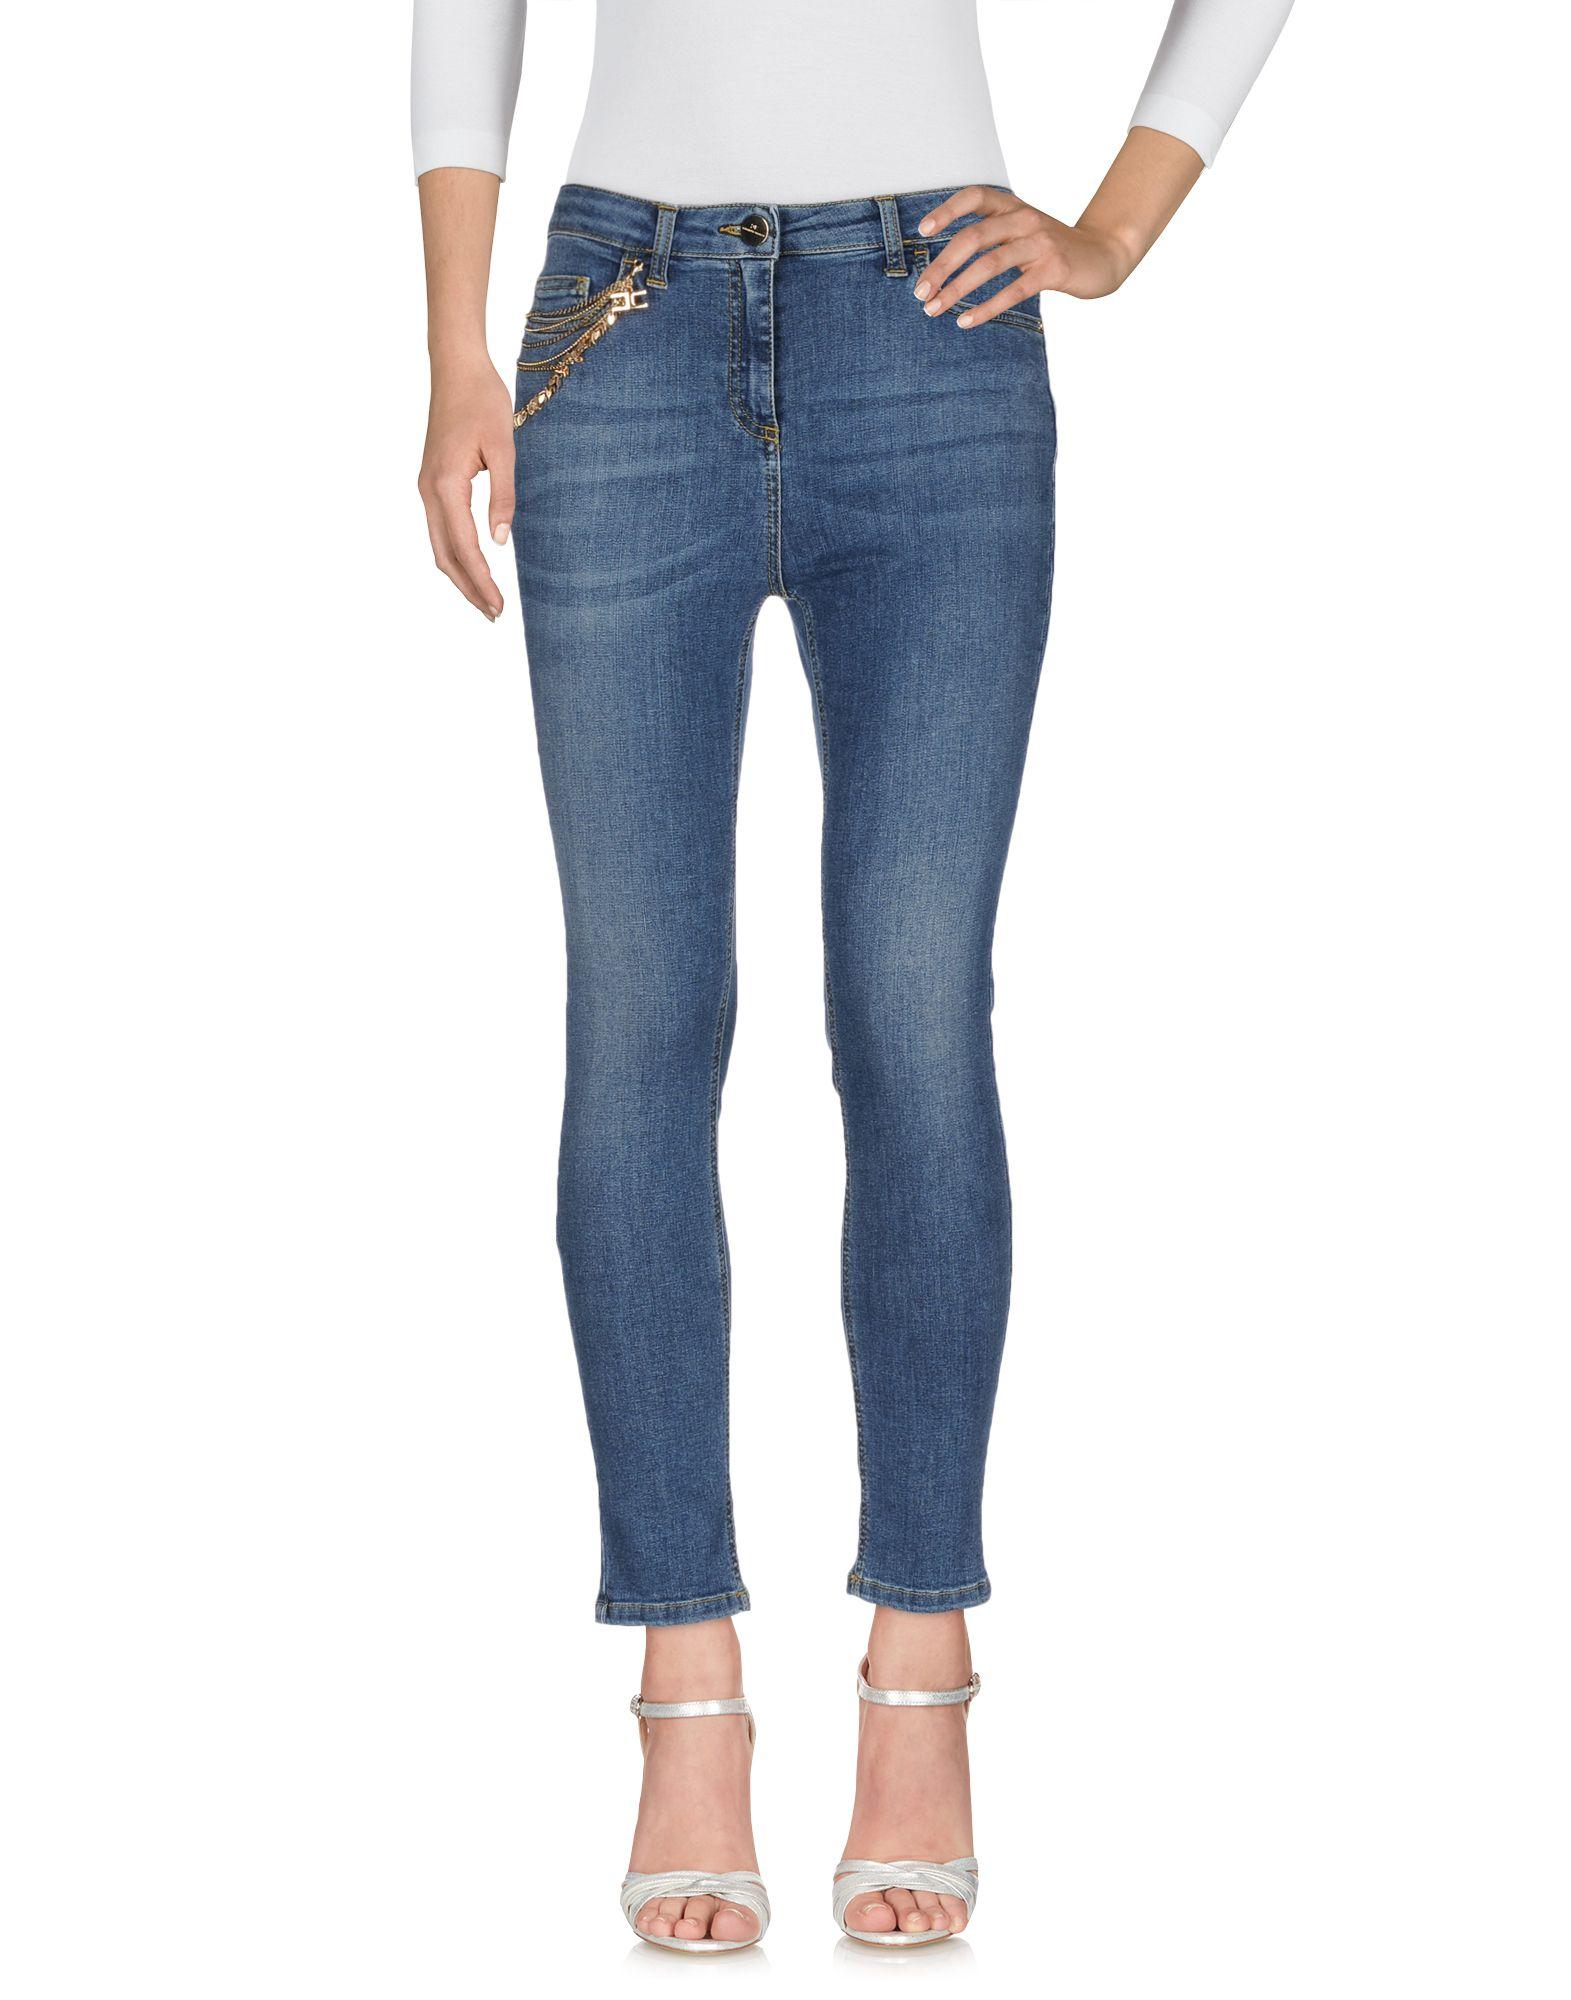 Pantaloni Jeans Elisabetta Franchi Jeans Donna - Acquista online su QjGciqn